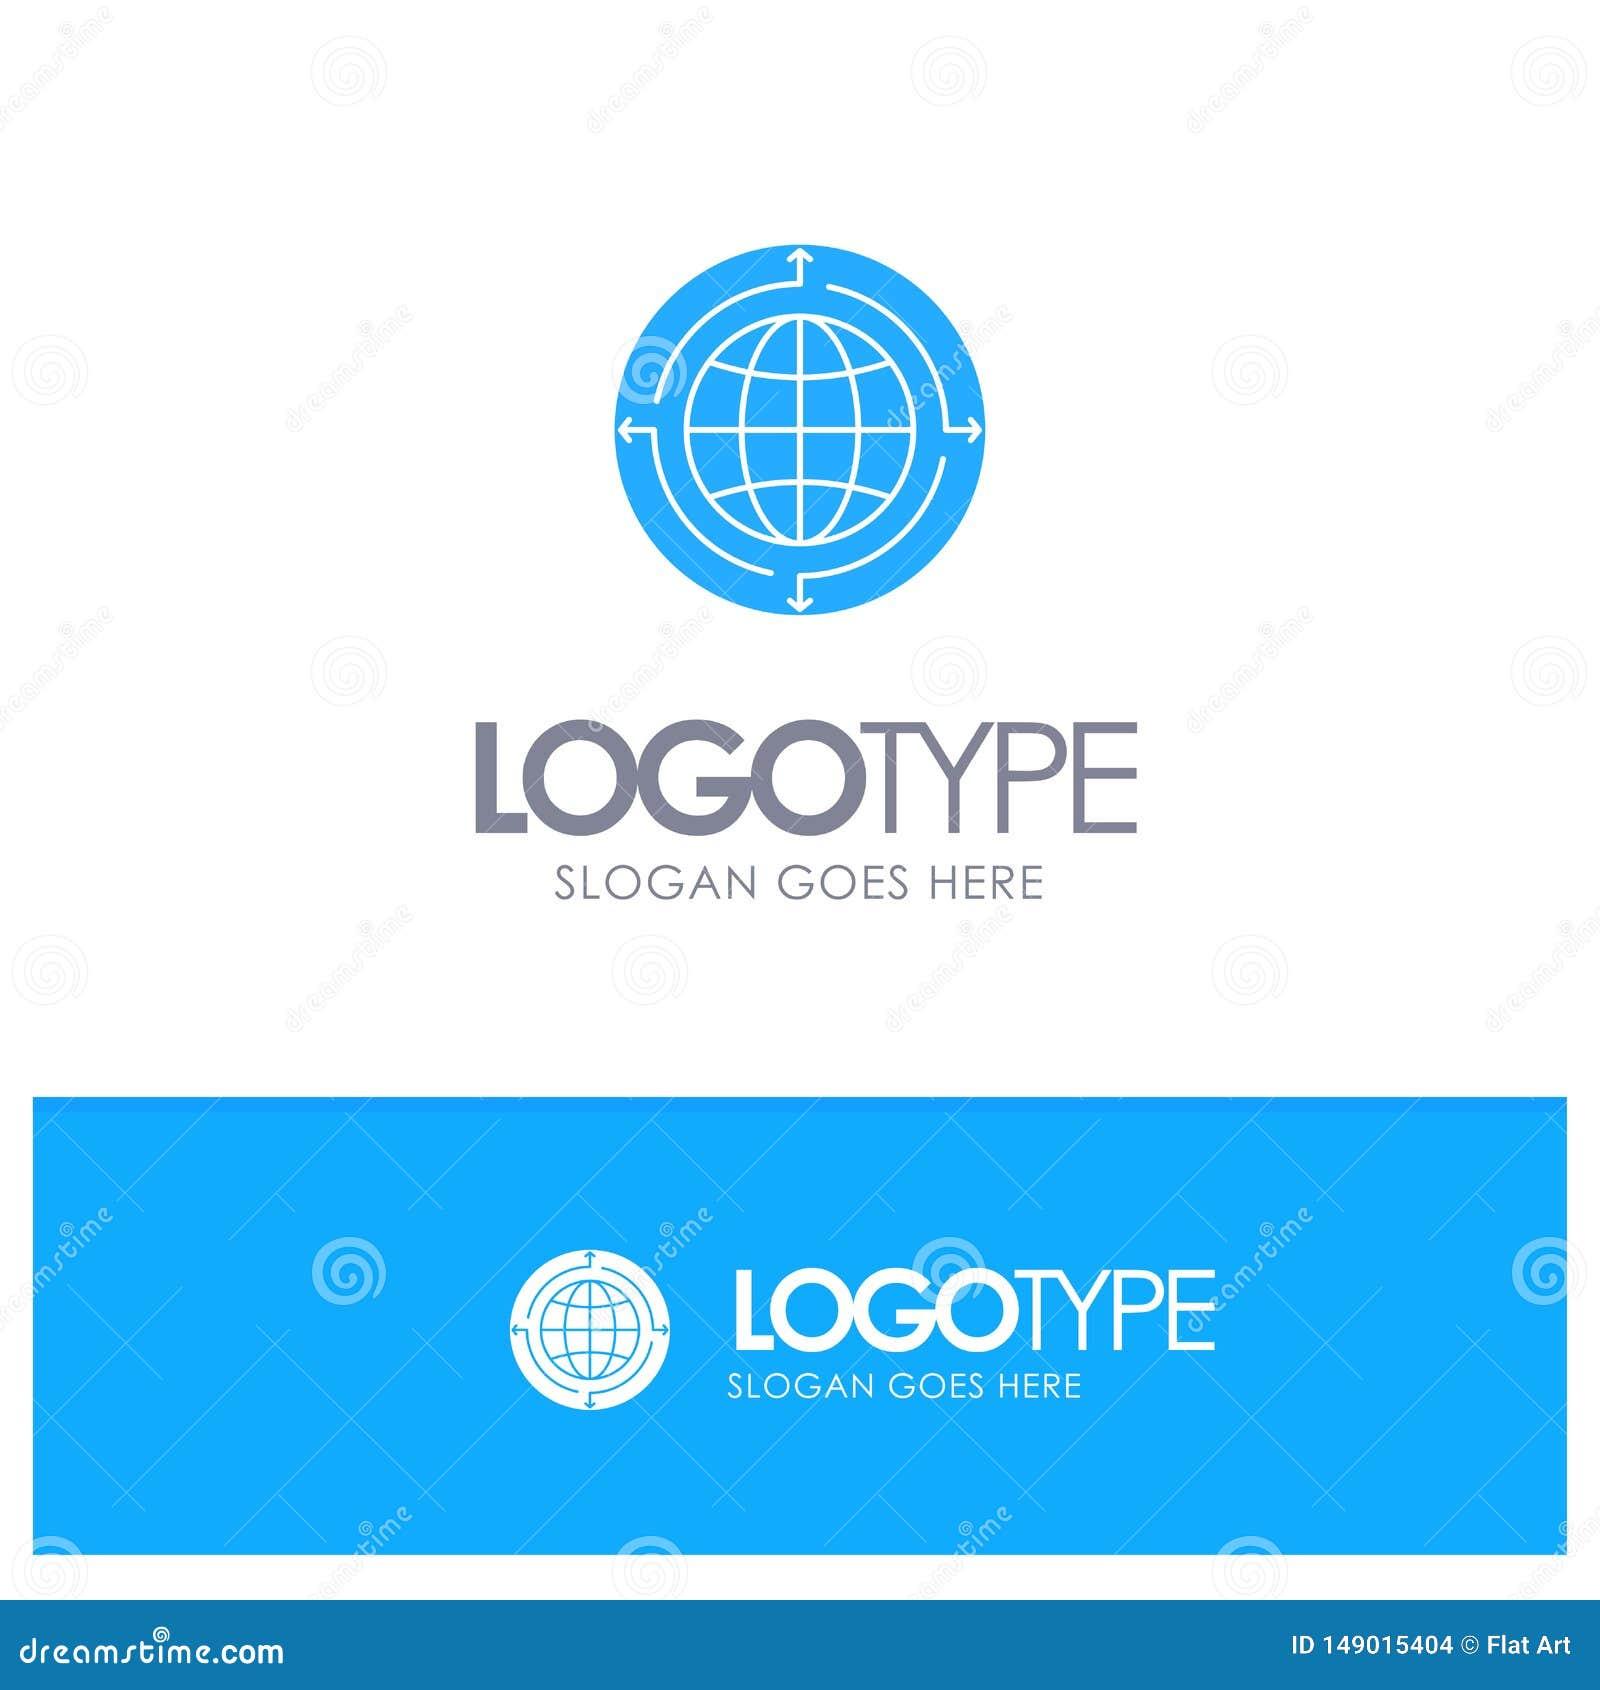 Kugel, Geschäft, Kommunikation, Verbindung, global, Weltblaues festes Logo mit Platz für Tagline